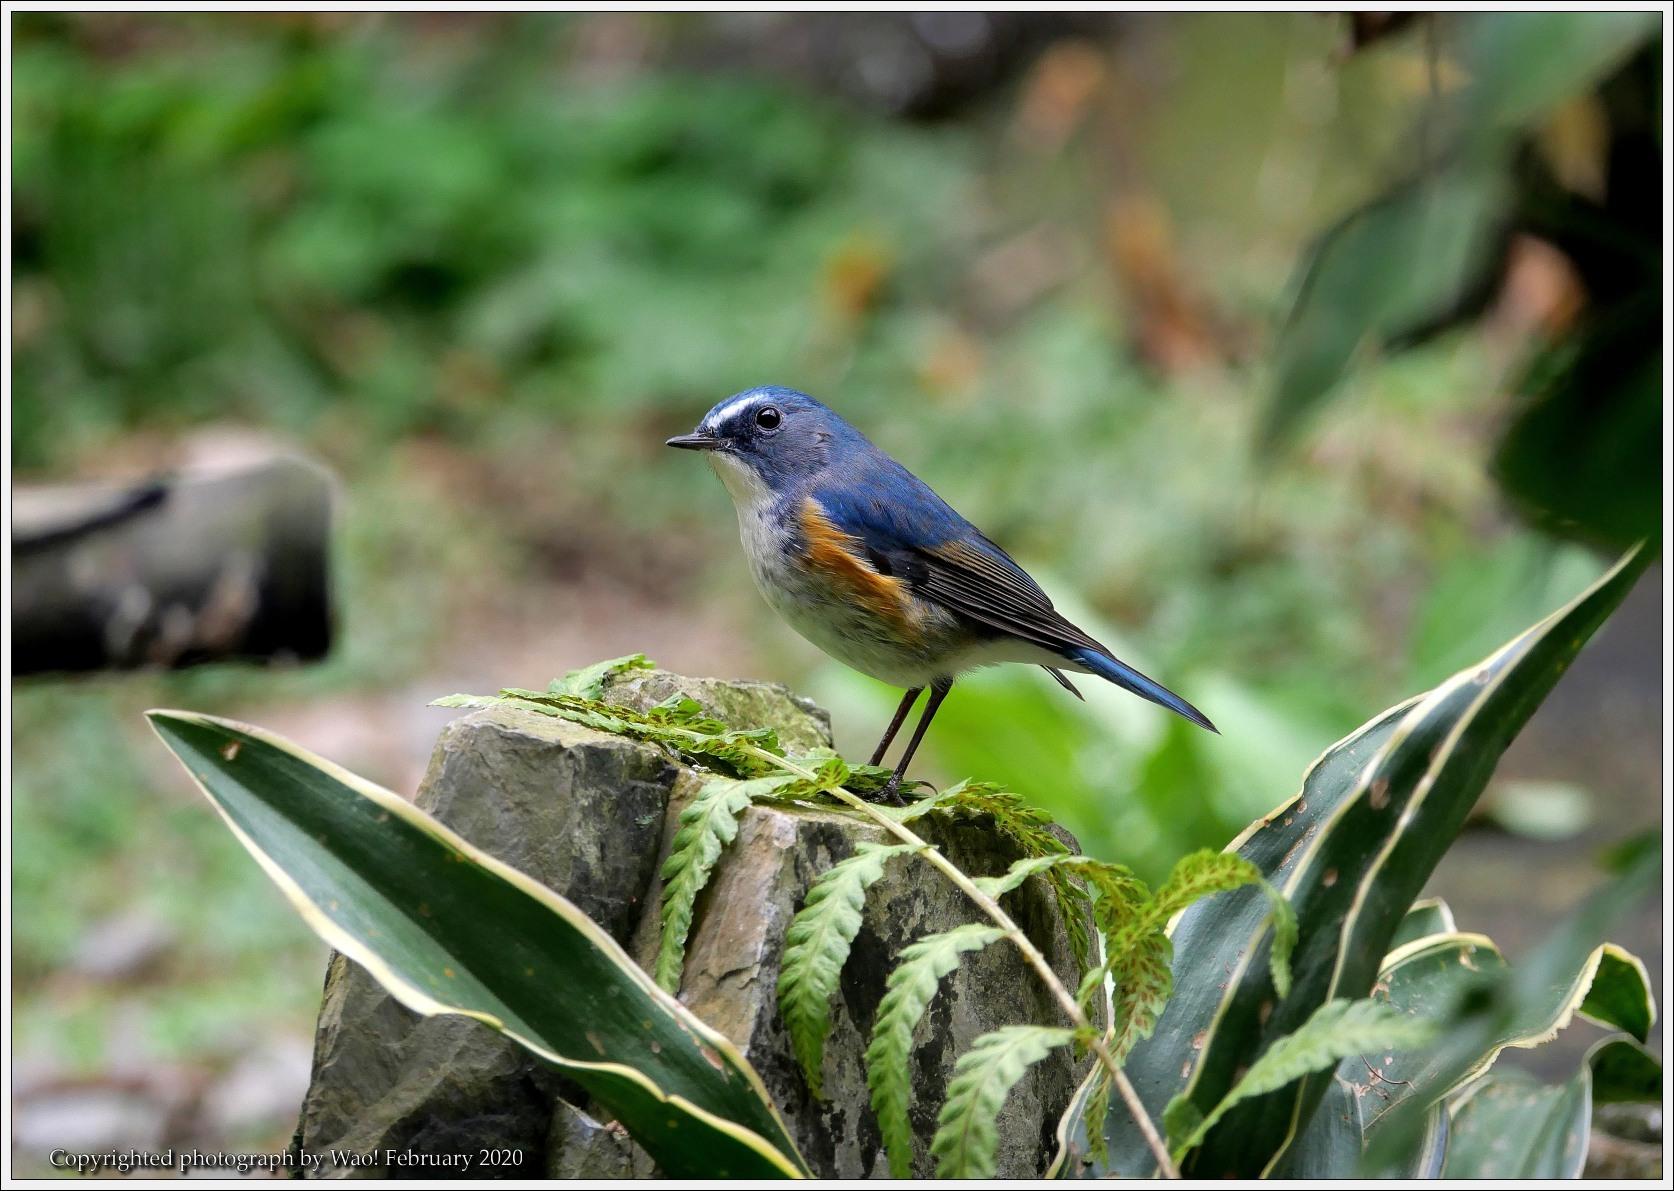 野鳥園のルリ・コマ・キビタキ_c0198669_14144504.jpg